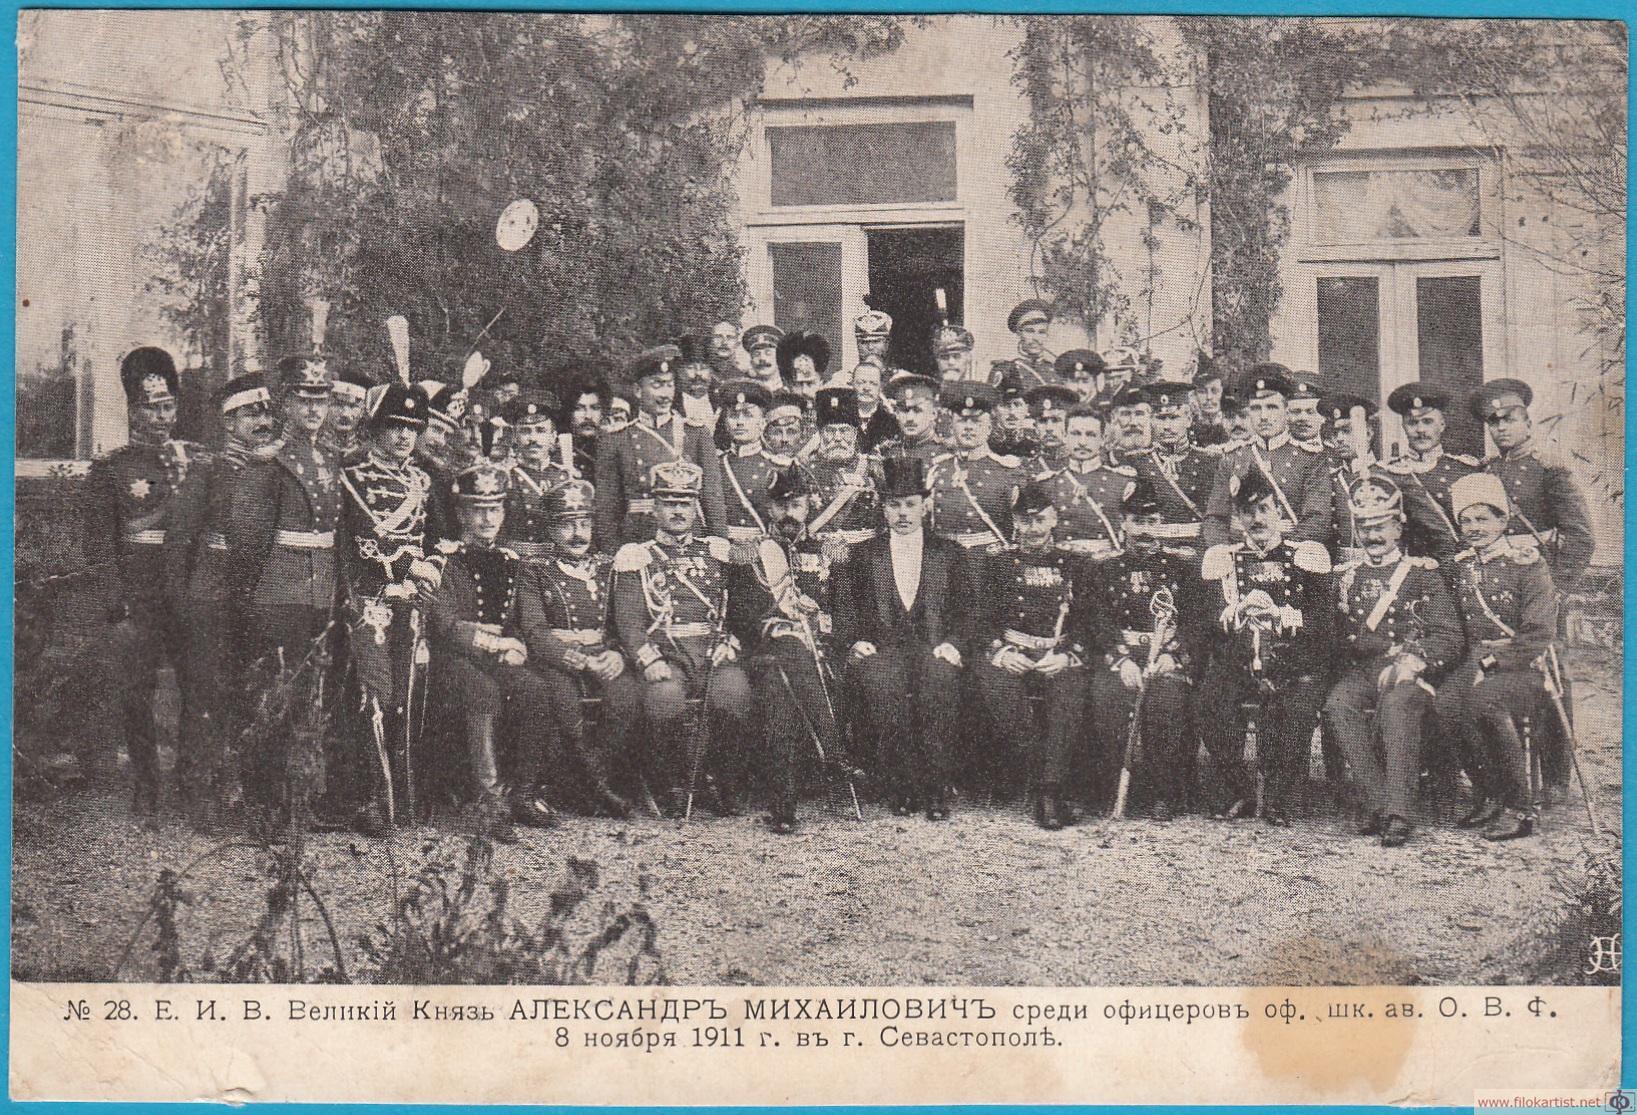 В.К. Александр Михайлович среди офицеров оф. шк. ав. О.В.Ф. 8 ноября 1911 г. в г.Севастополе.jpg